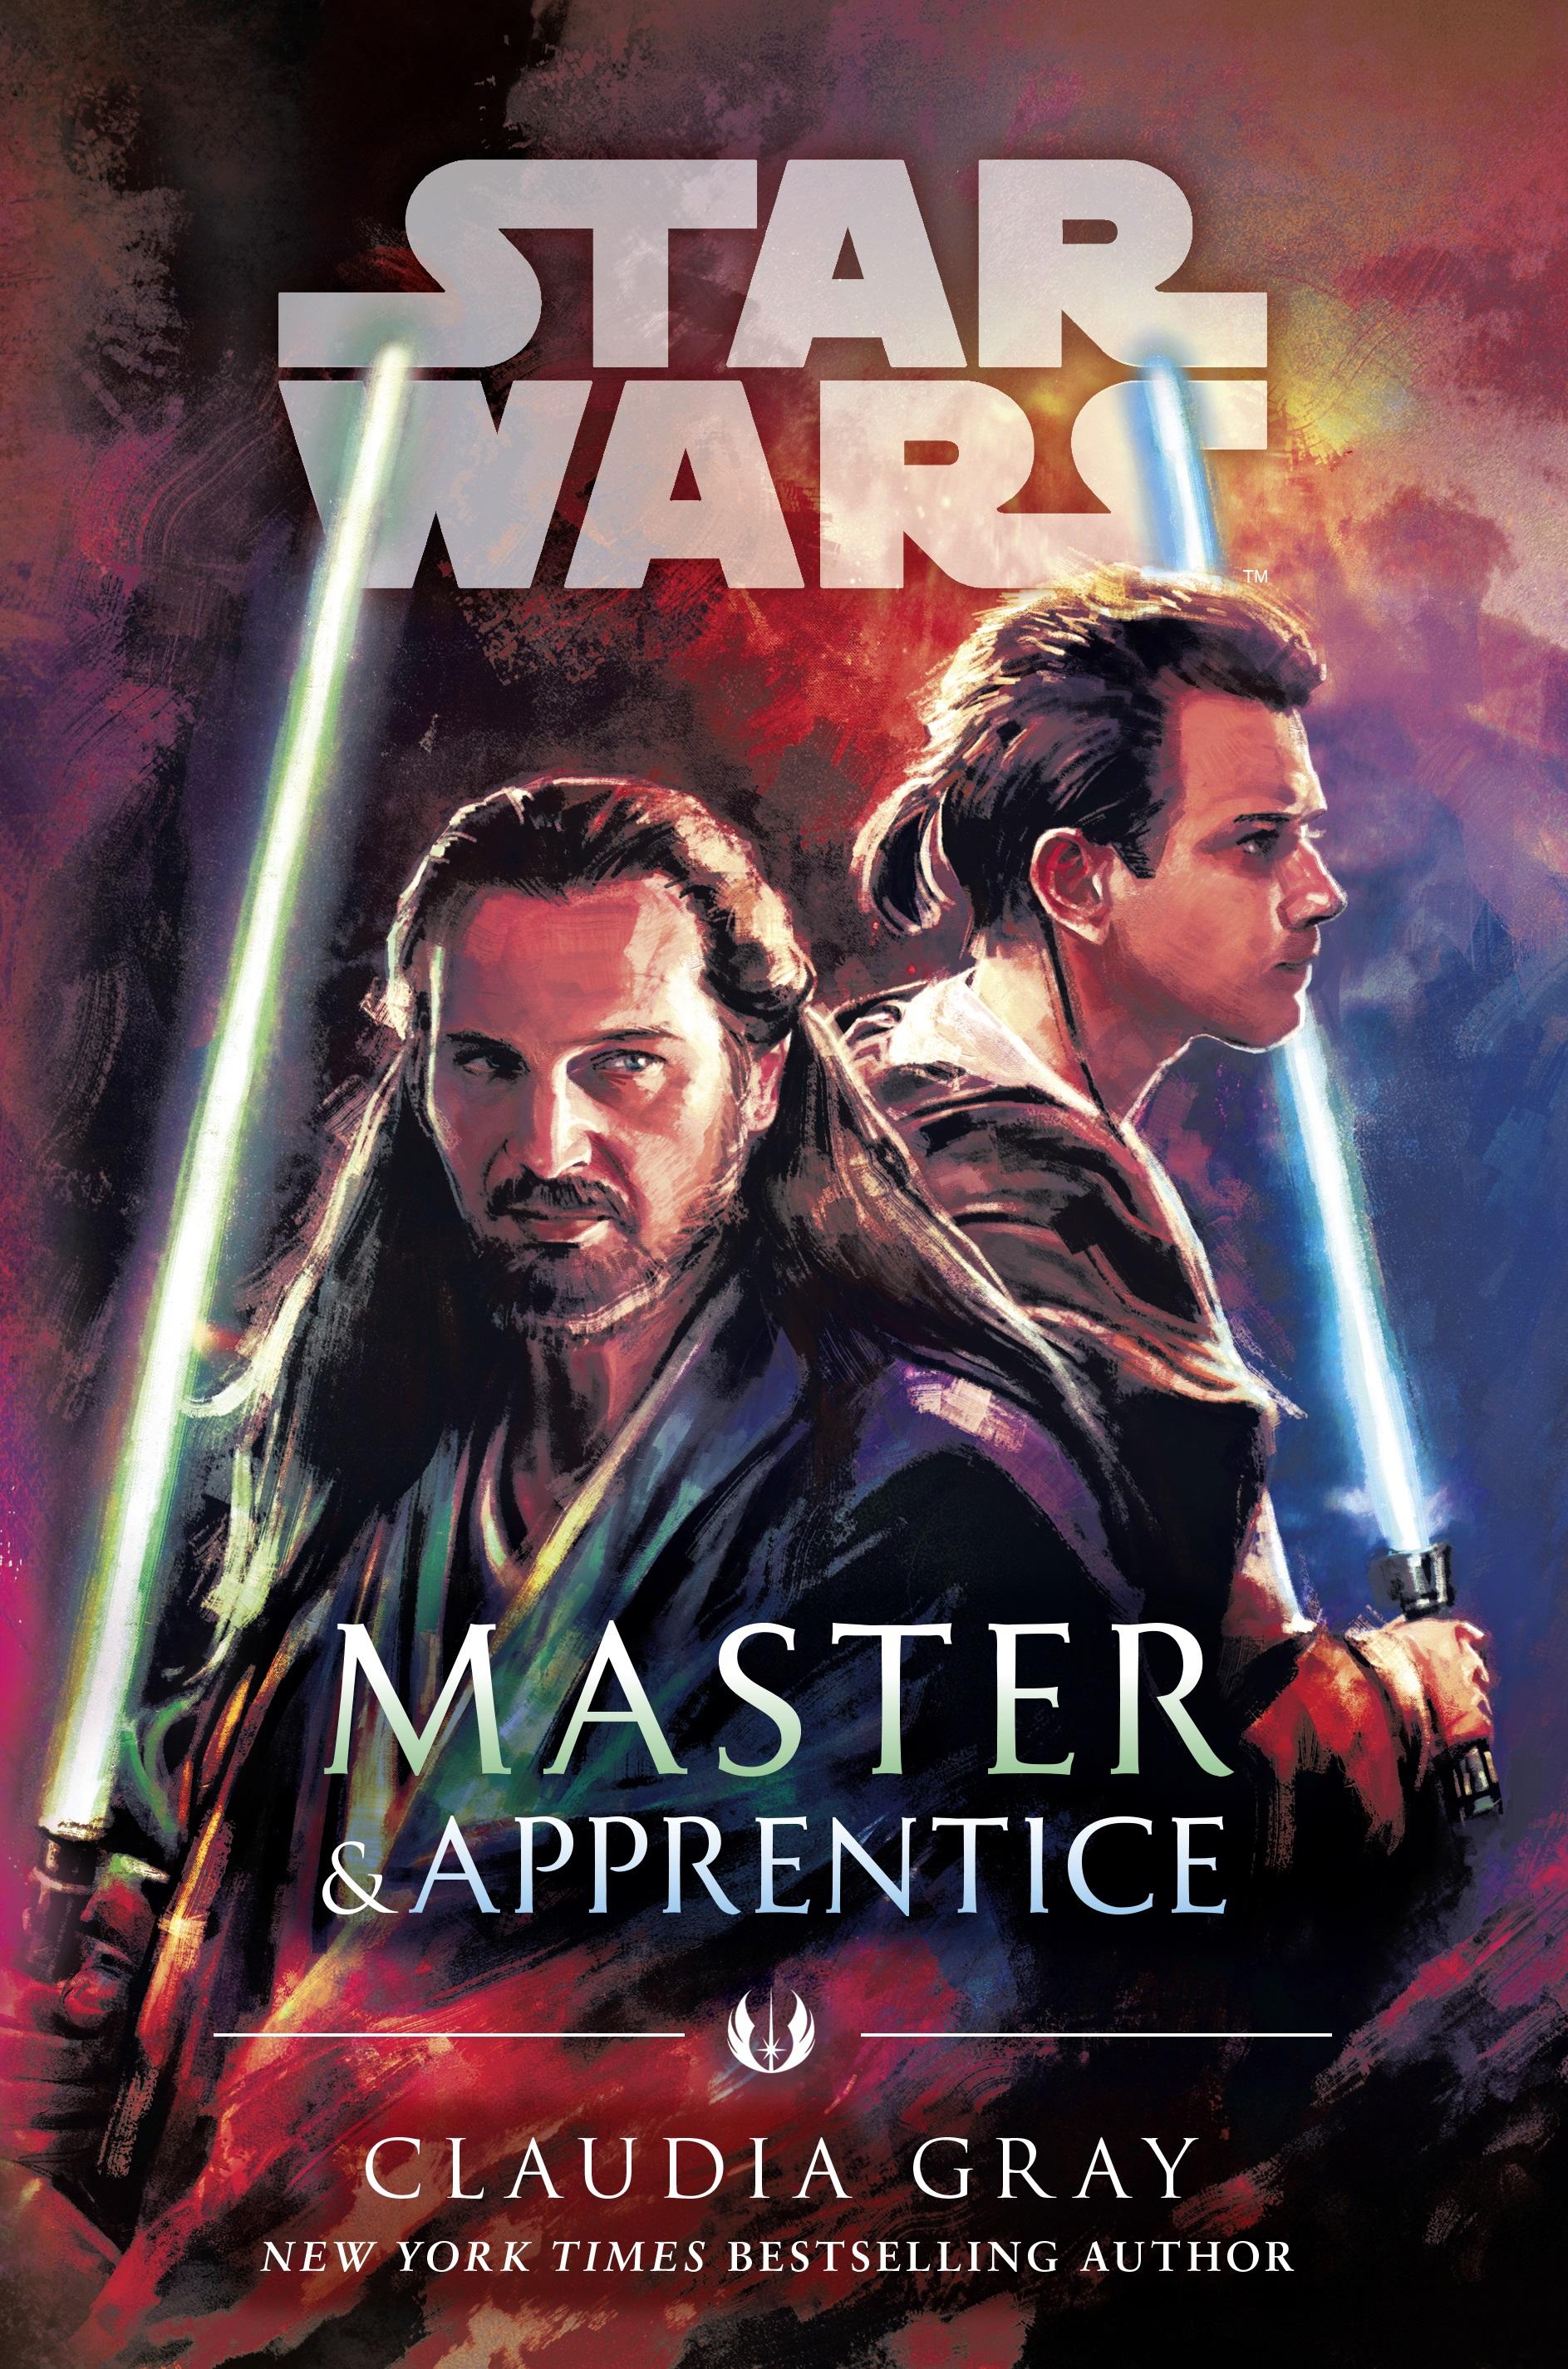 Master & Apprentice - cover